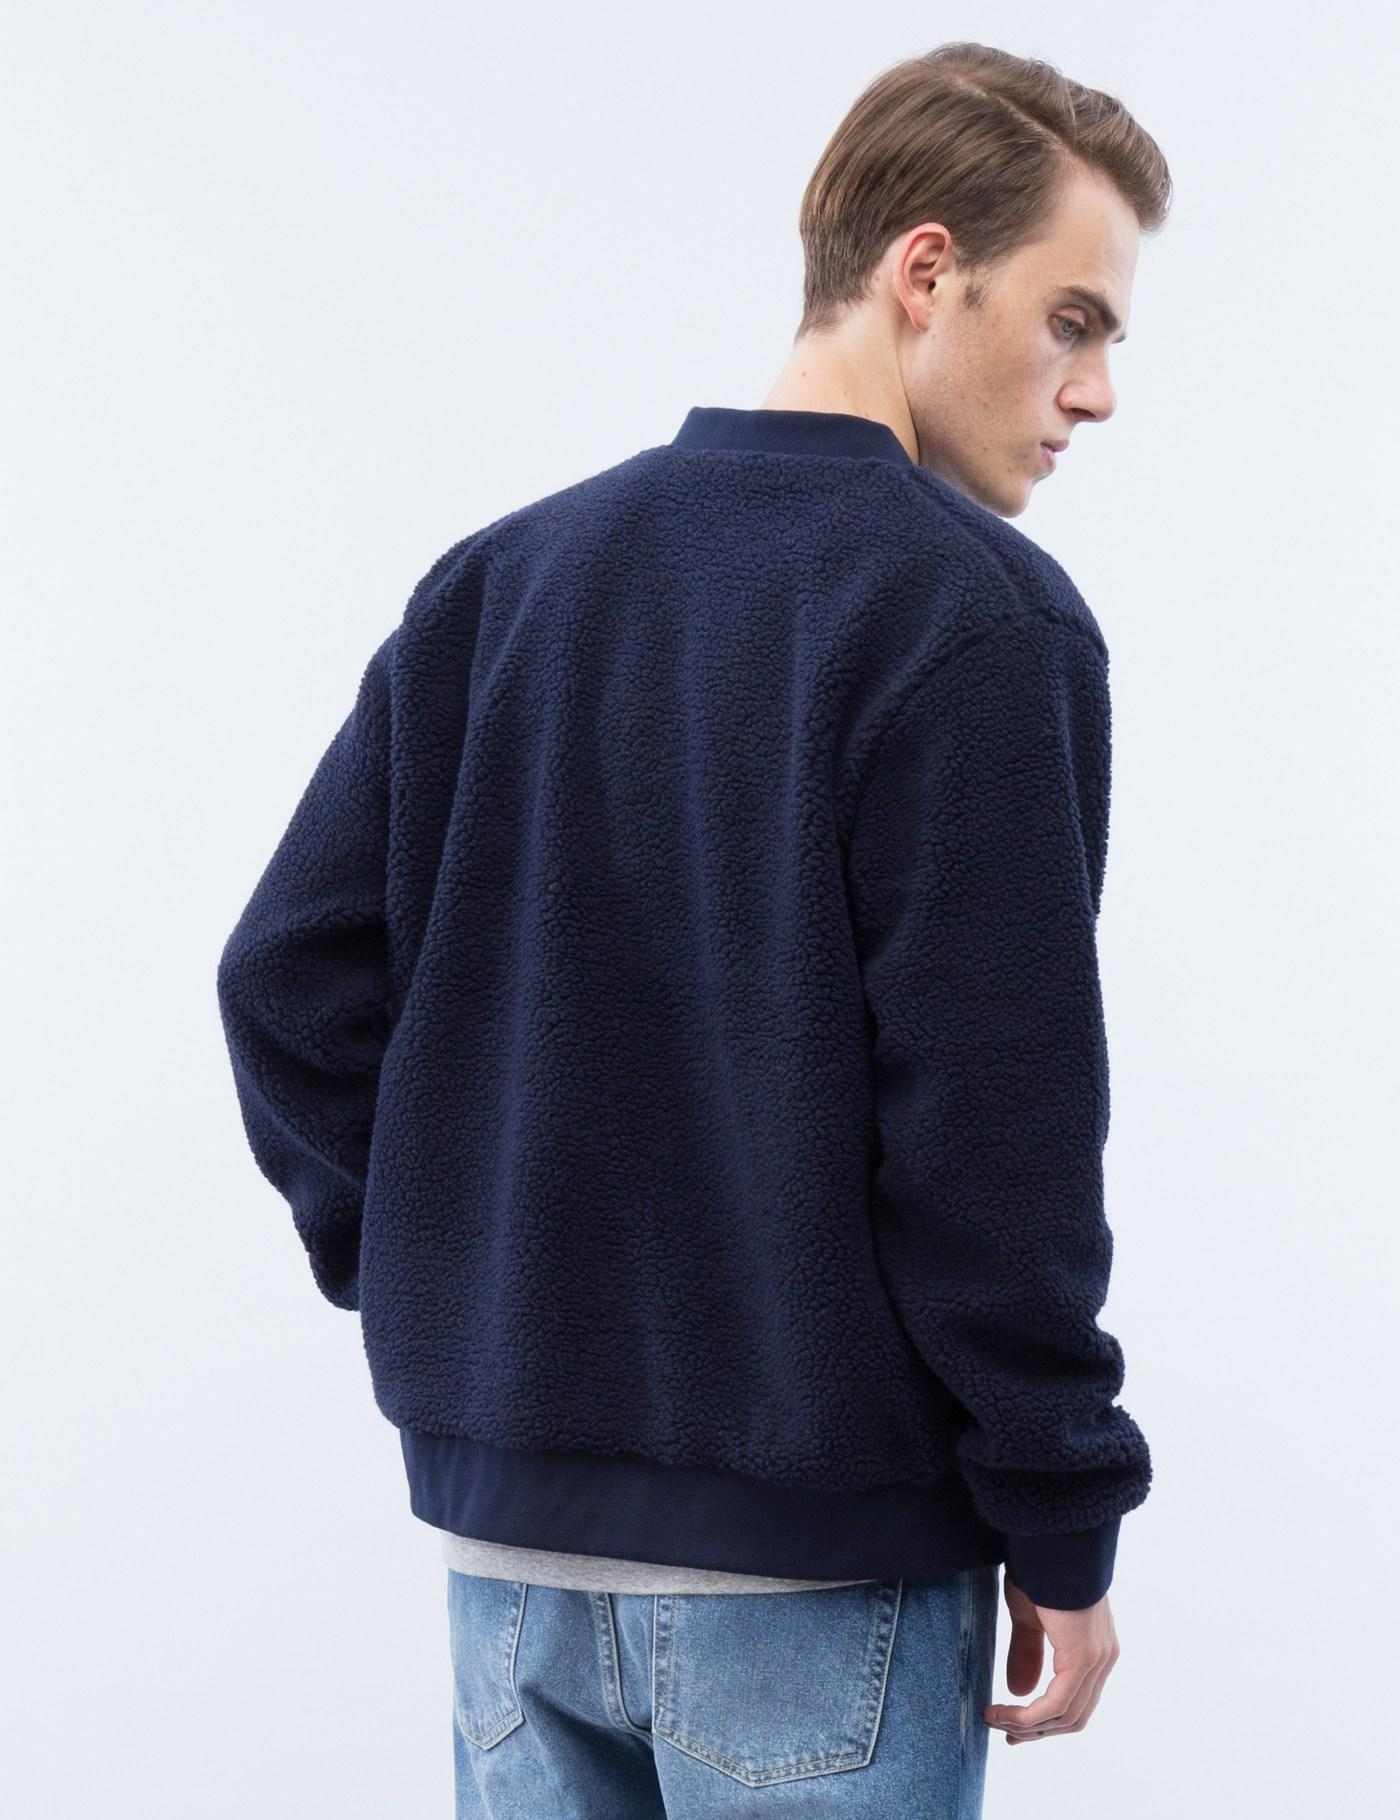 Penfield Prescott Fleece Jacket for Men